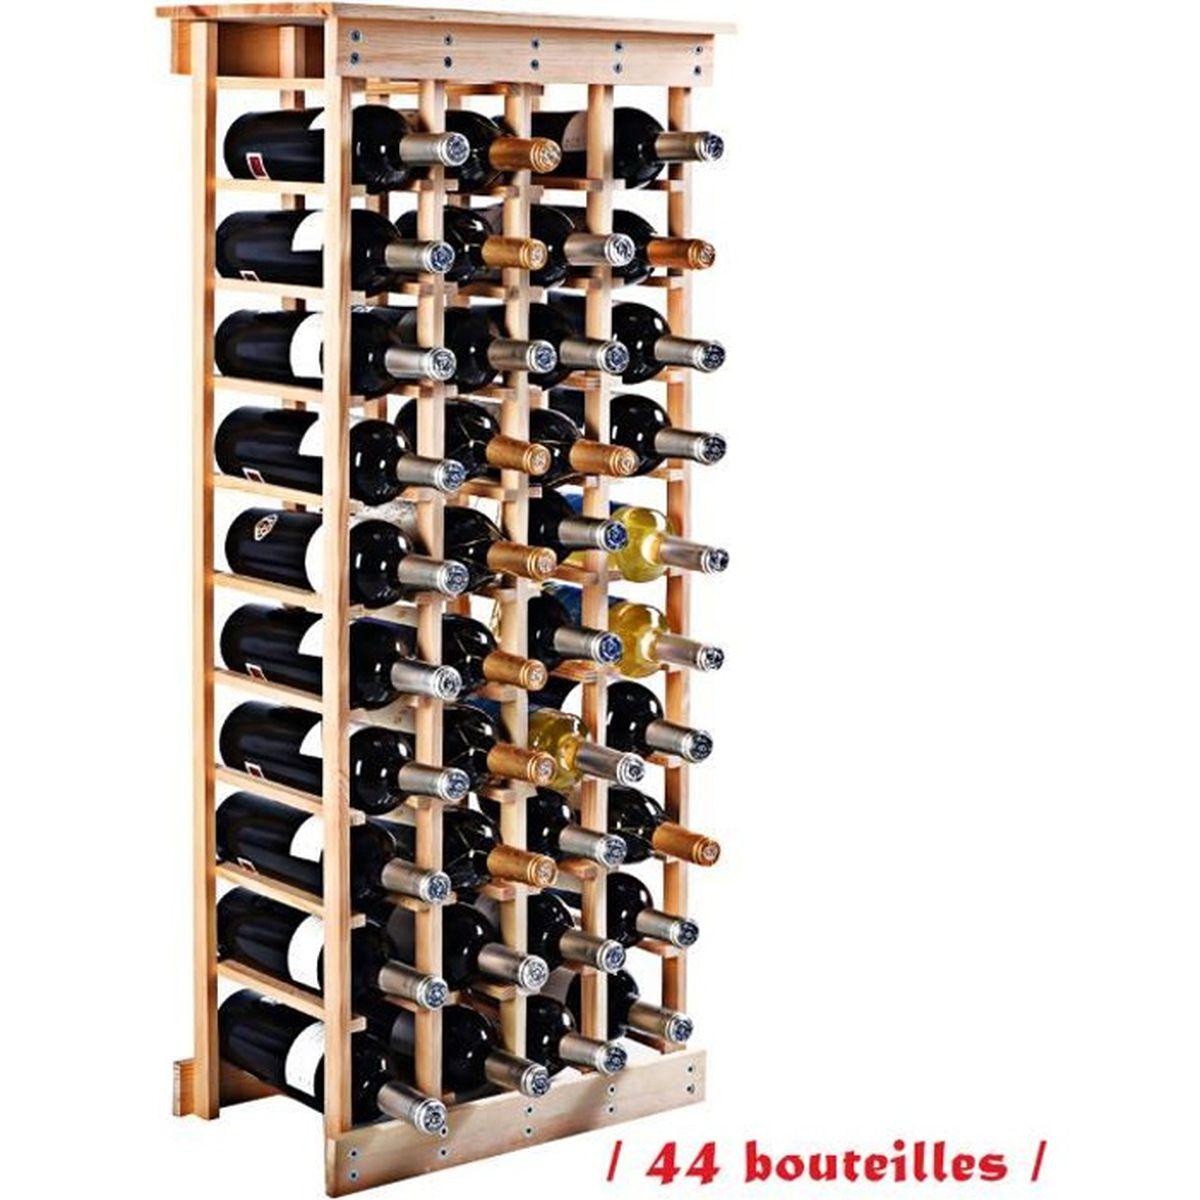 Fabriquer Casier À Bouteilles En Bois Étagère à vin casier à 44 bouteilles en bois de pin robuste